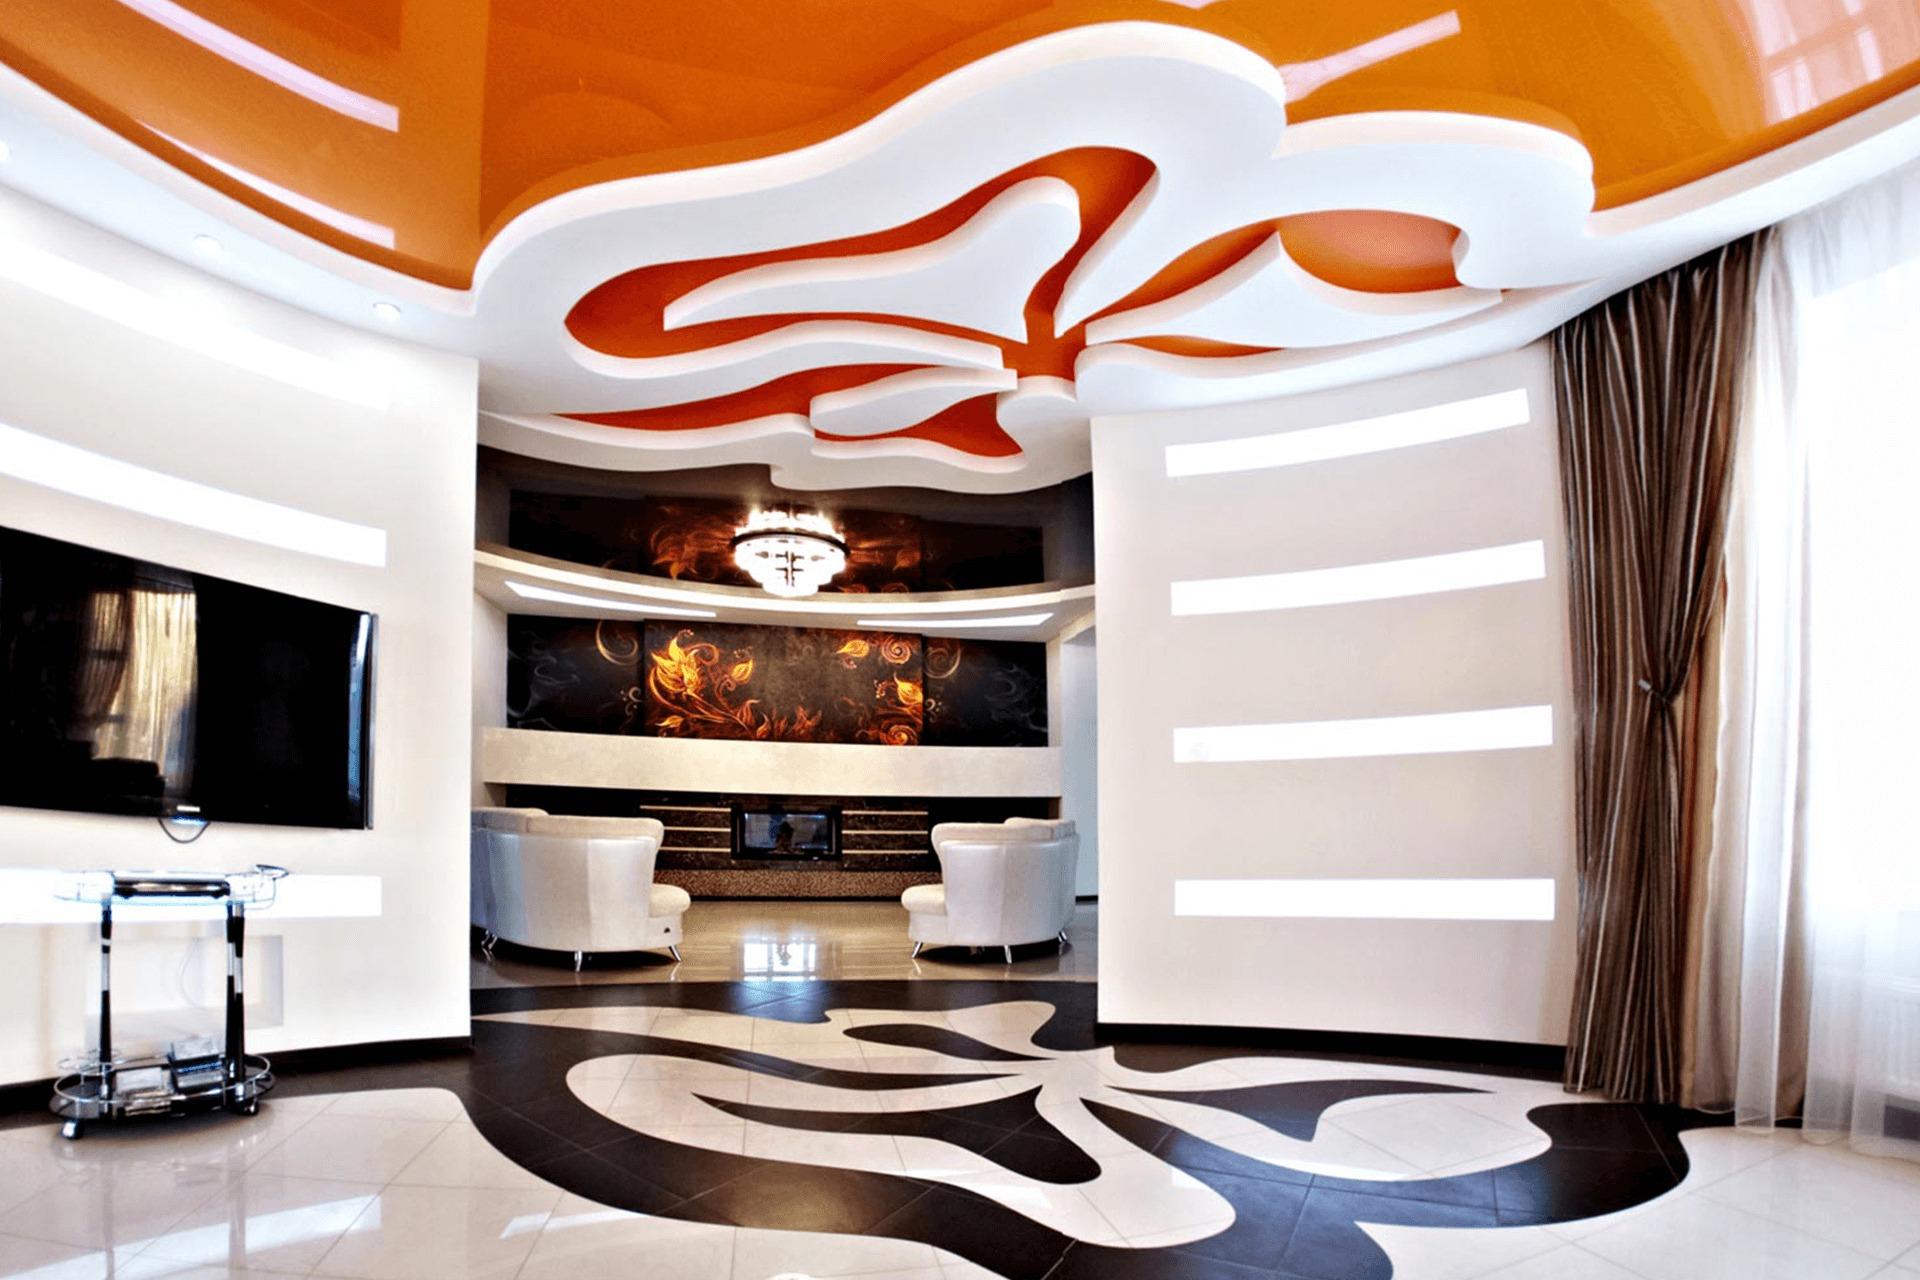 Многоуровневый натяжной потолок - оранжевый цветок